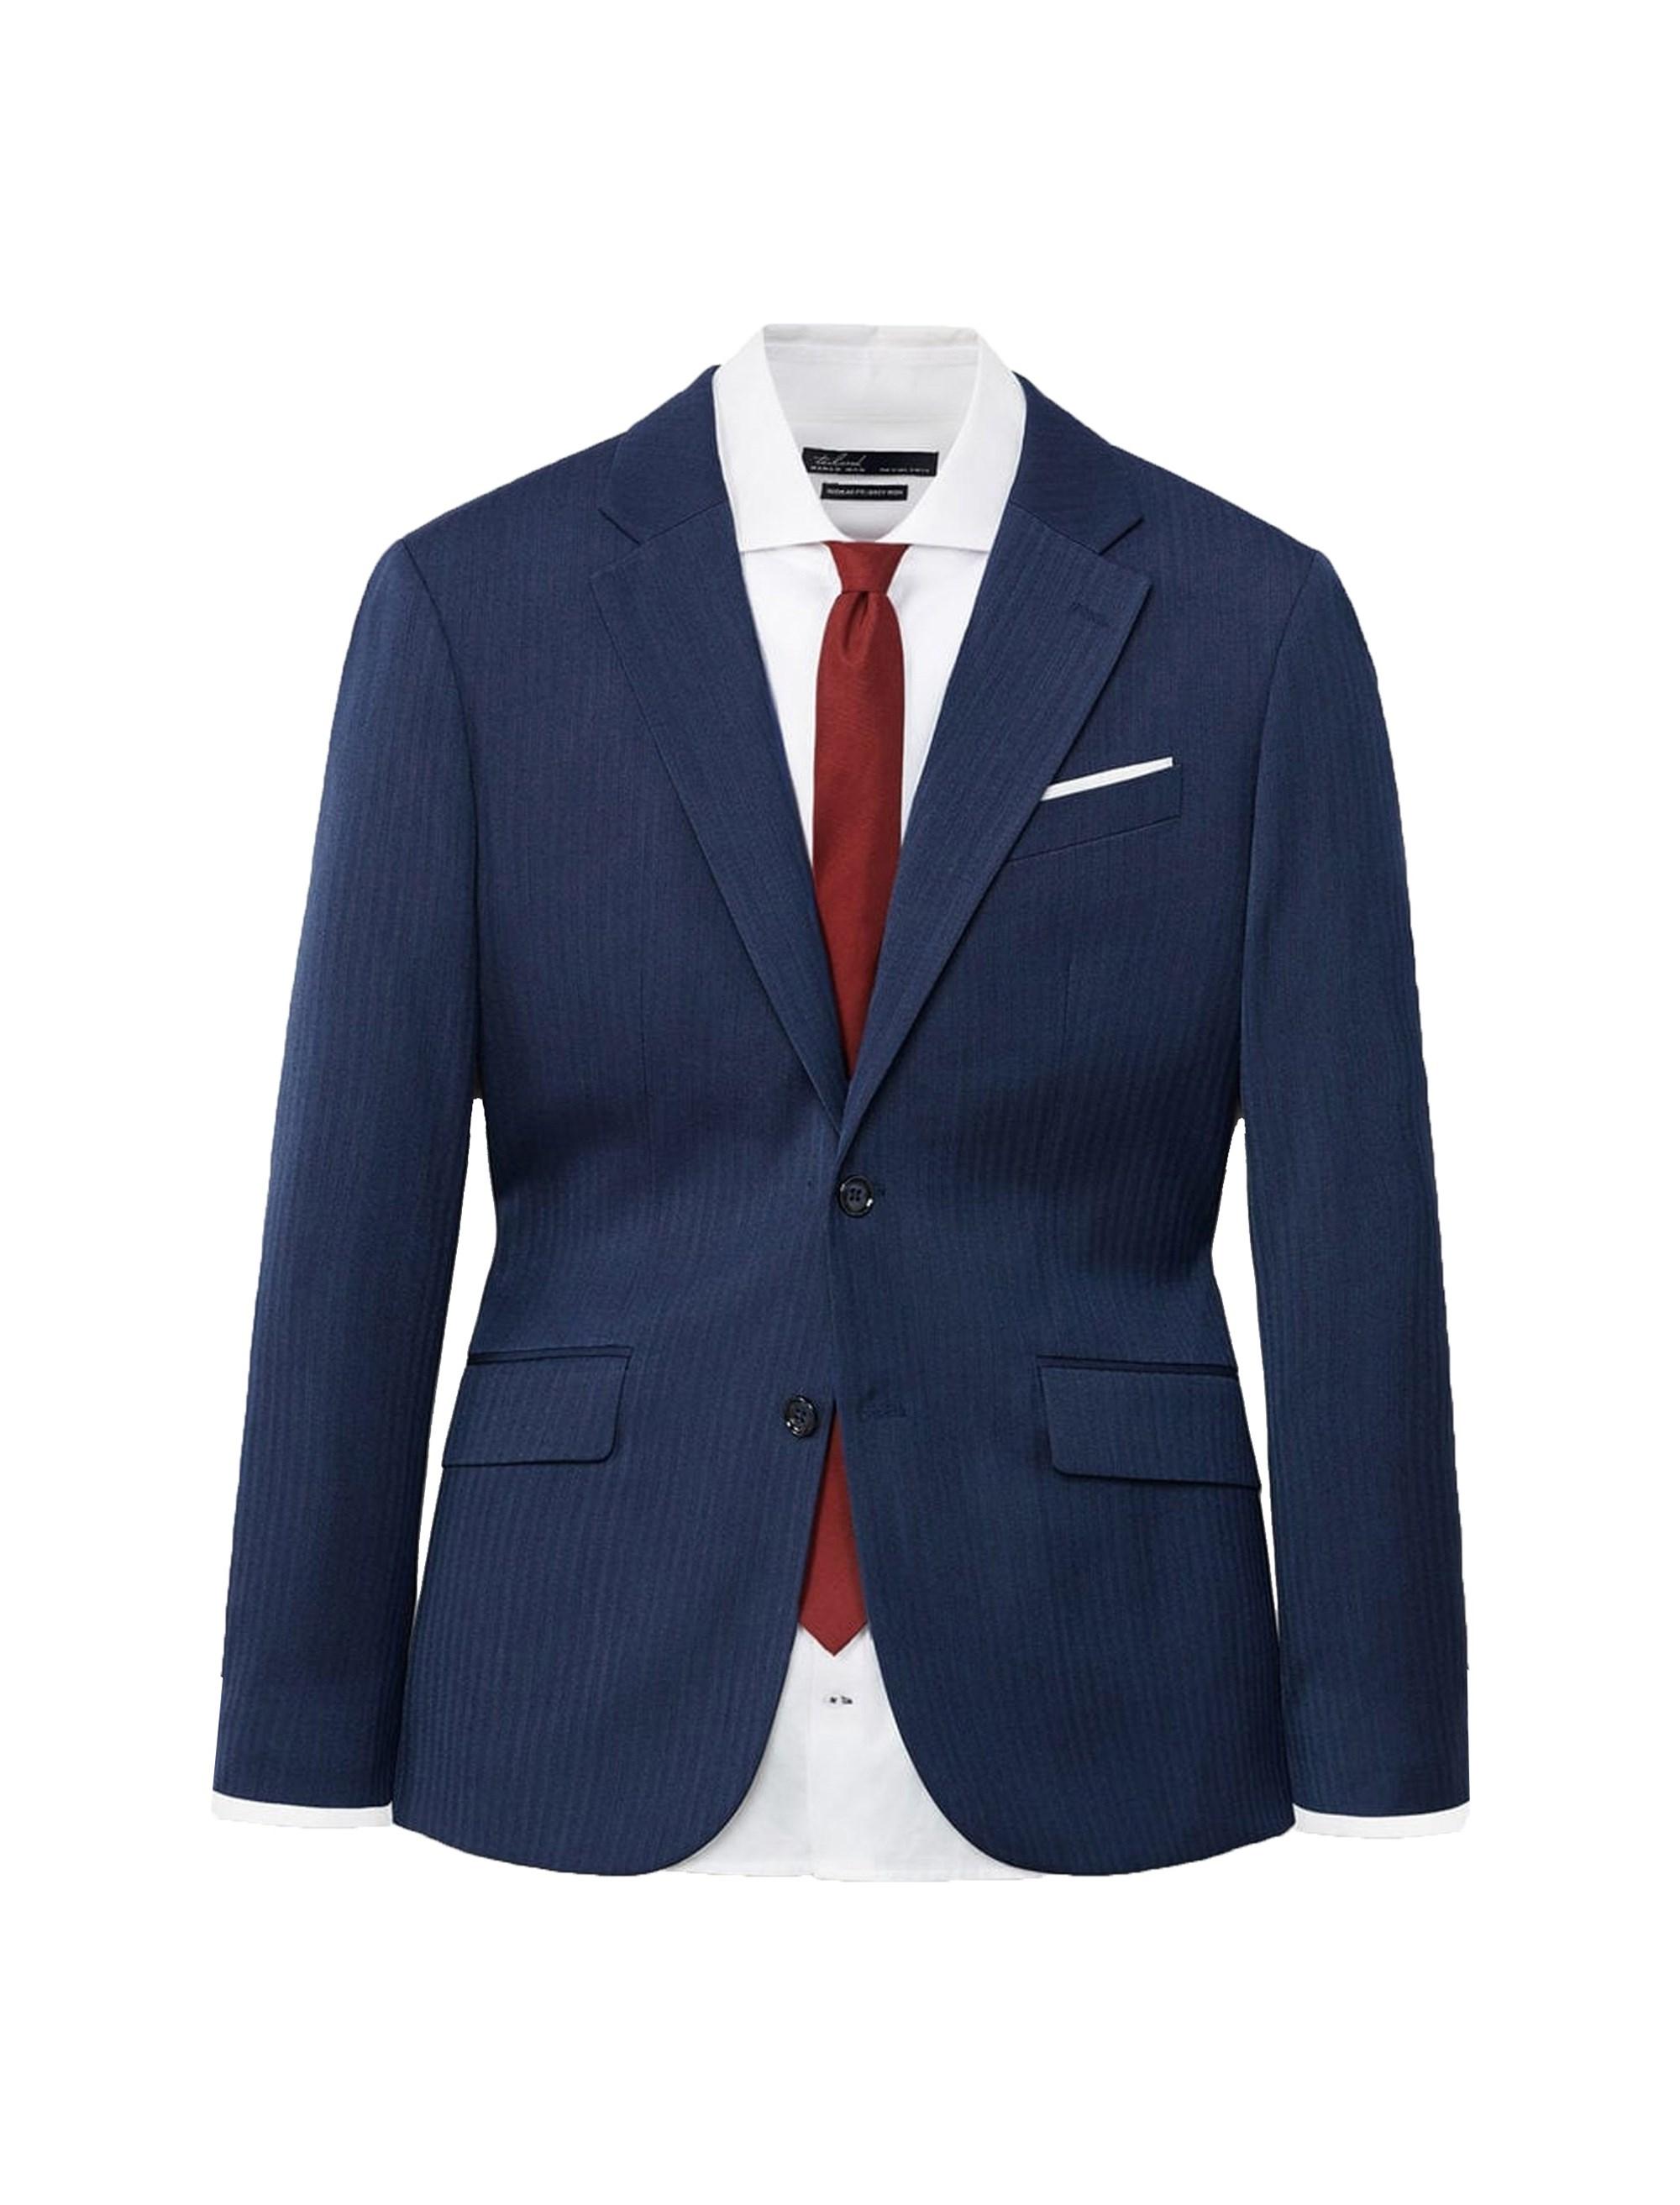 کت تک  غیر رسمی مردانه - مانگو